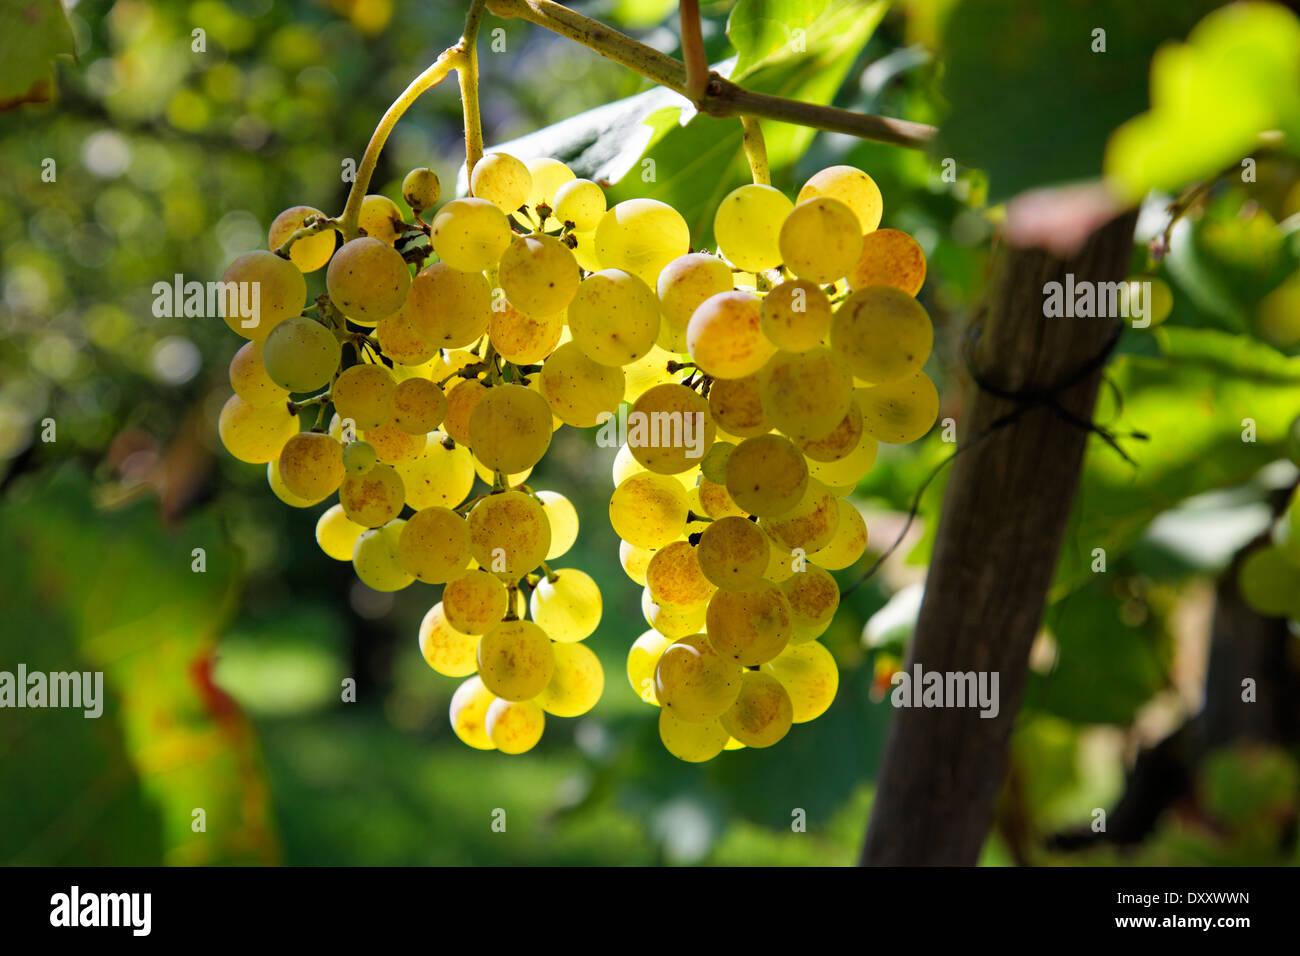 Germany, Baden-Wurttemberg, grapes, white wine, Deutschland, Baden-Württemberg, Weintrauben, Weißwein Stock Photo